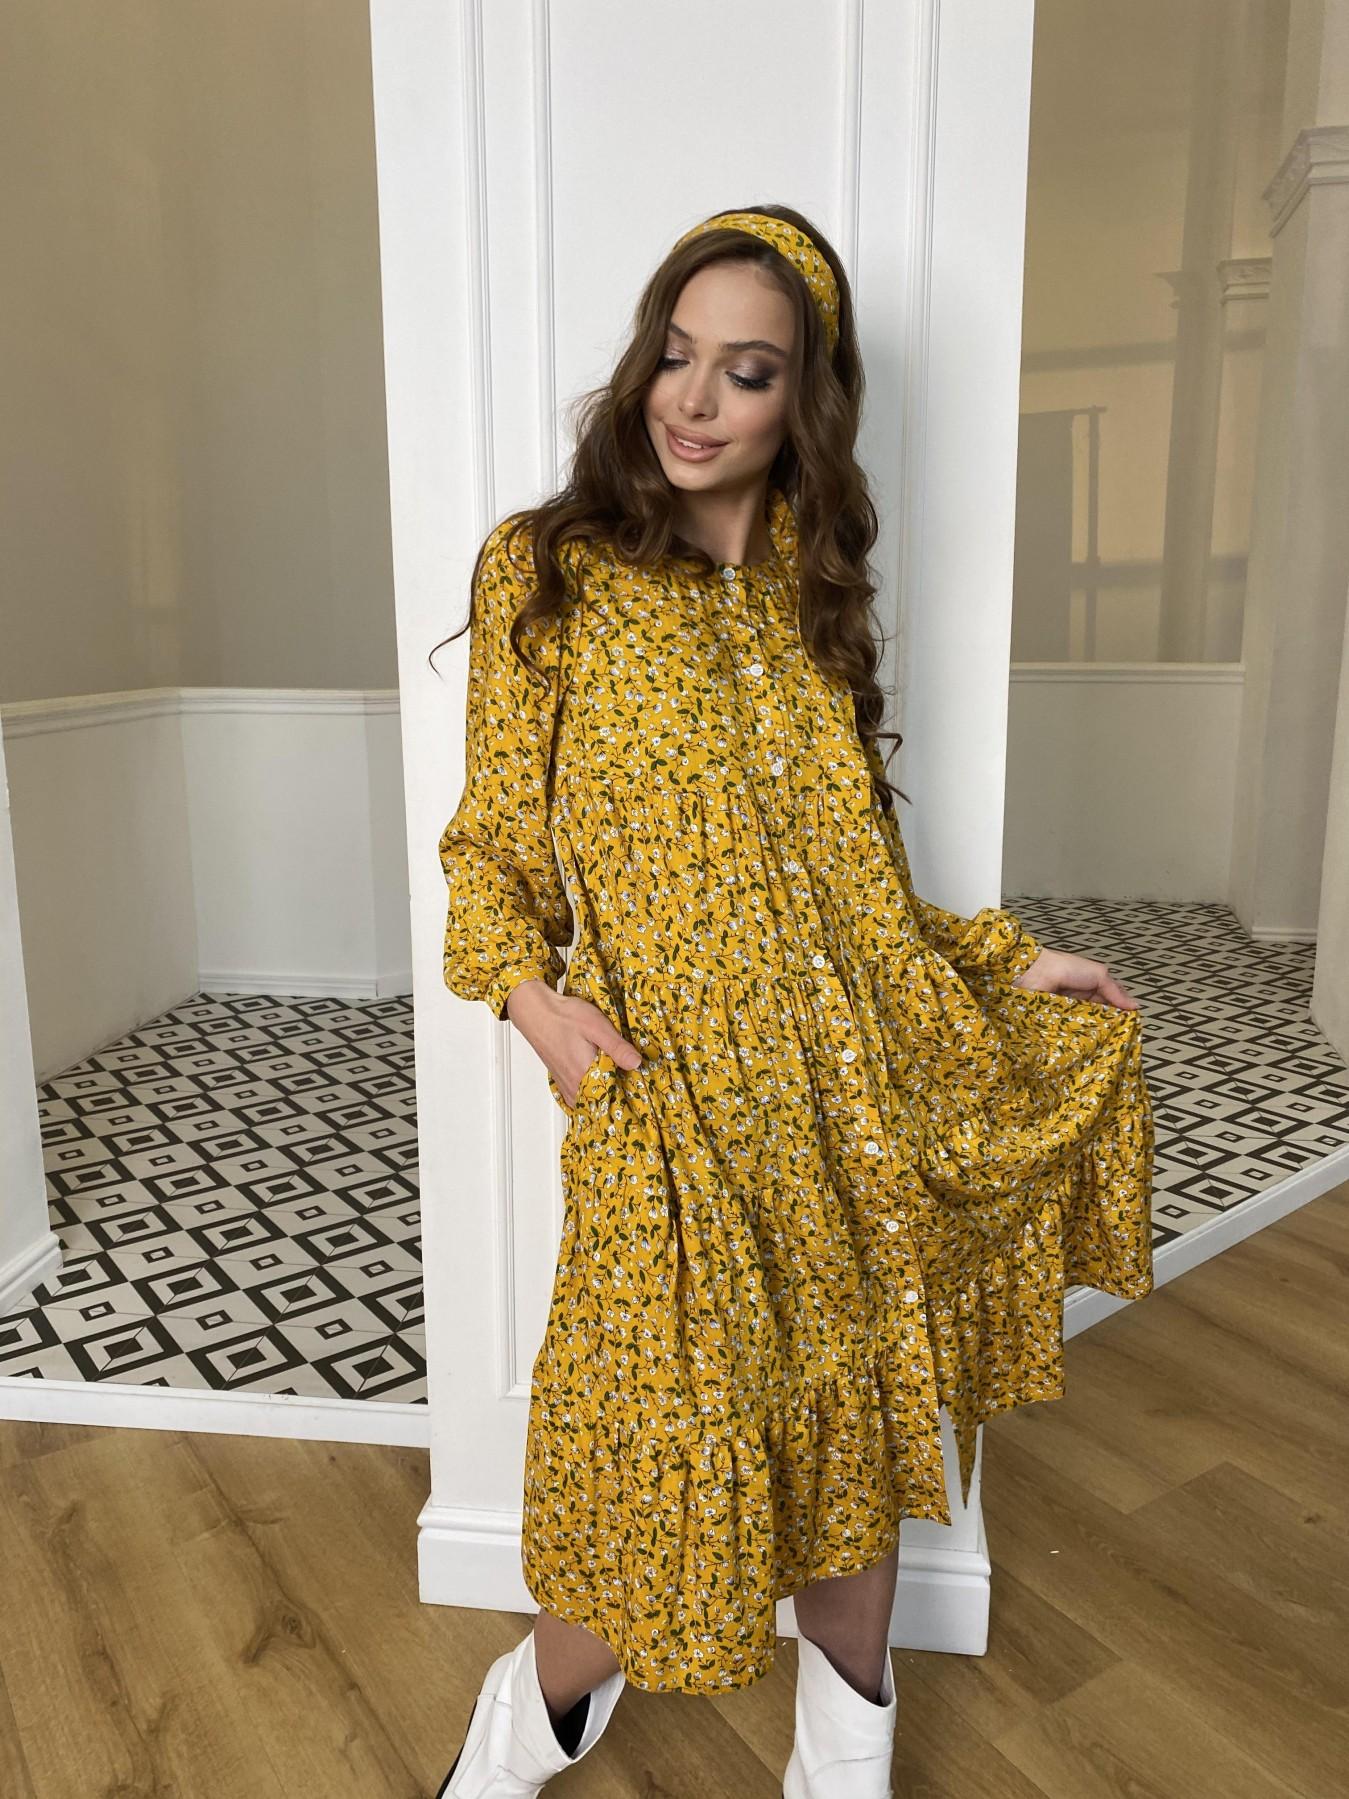 Берри миди штапель принт платье 10875 АРТ. 47344 Цвет: Цветы мел горч/бел/гол - фото 7, интернет магазин tm-modus.ru